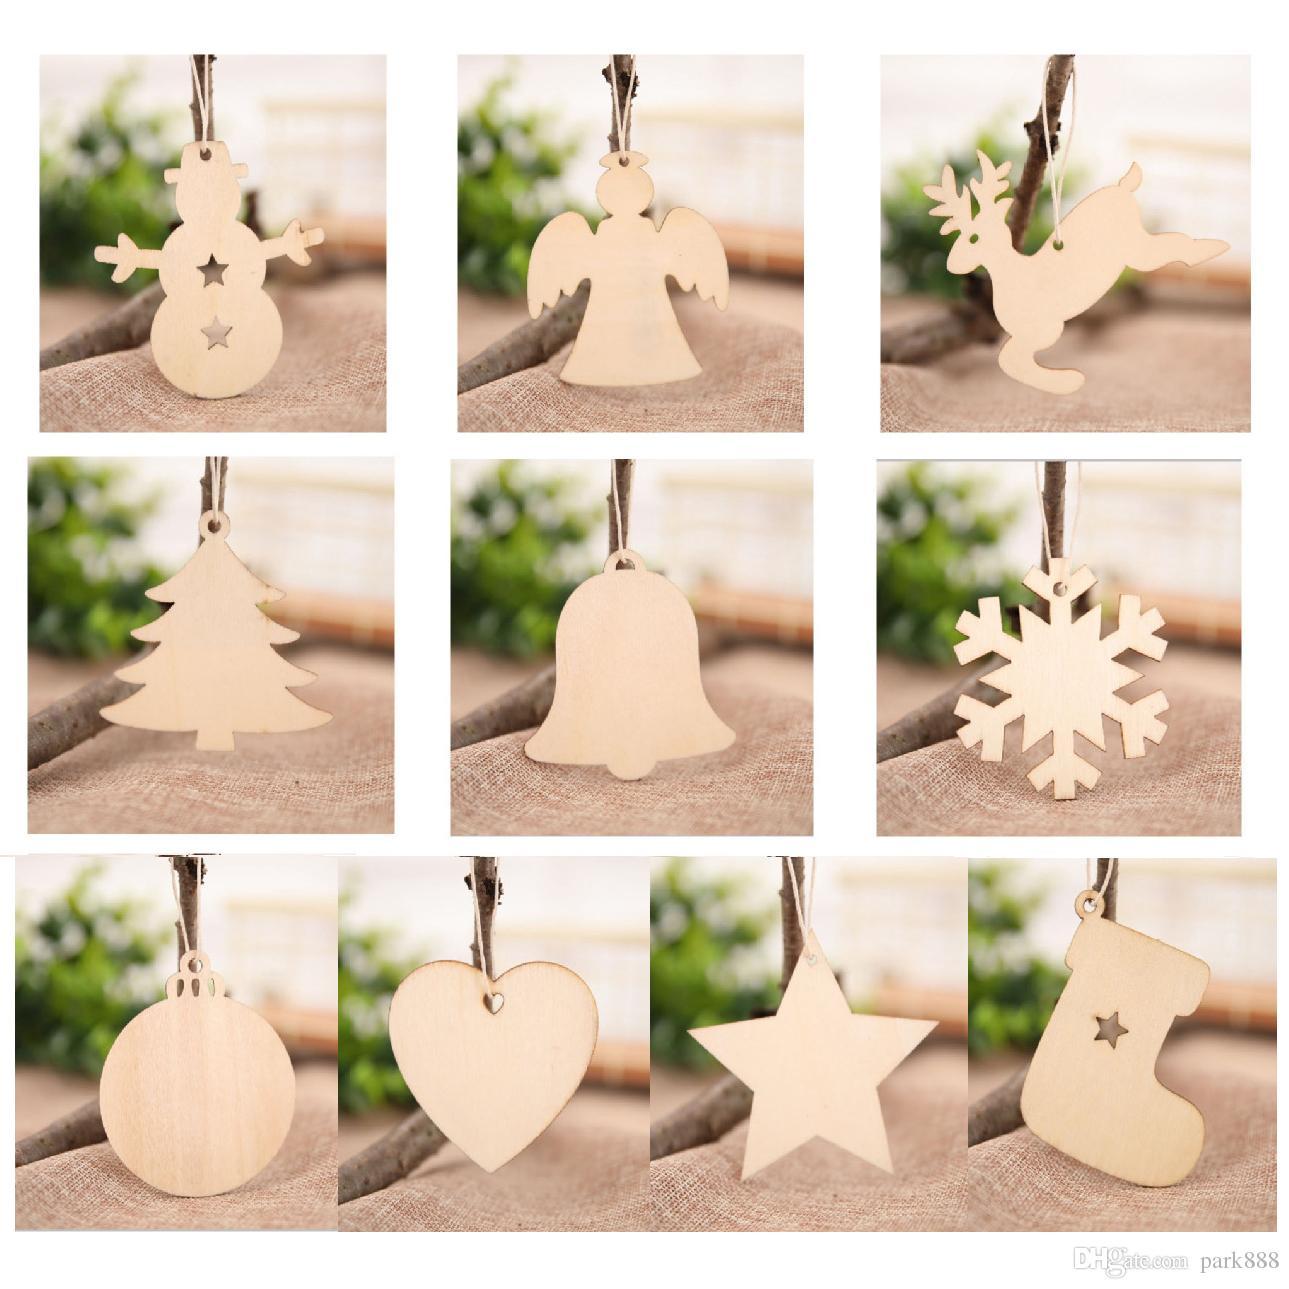 Tags de madeira Bolas De Natal Do Floco De Neve Xmas Árvore Meias Forma Boneco de Neve Decorações de Natal Artesanato de Arte Ornamentos DHL navio livre